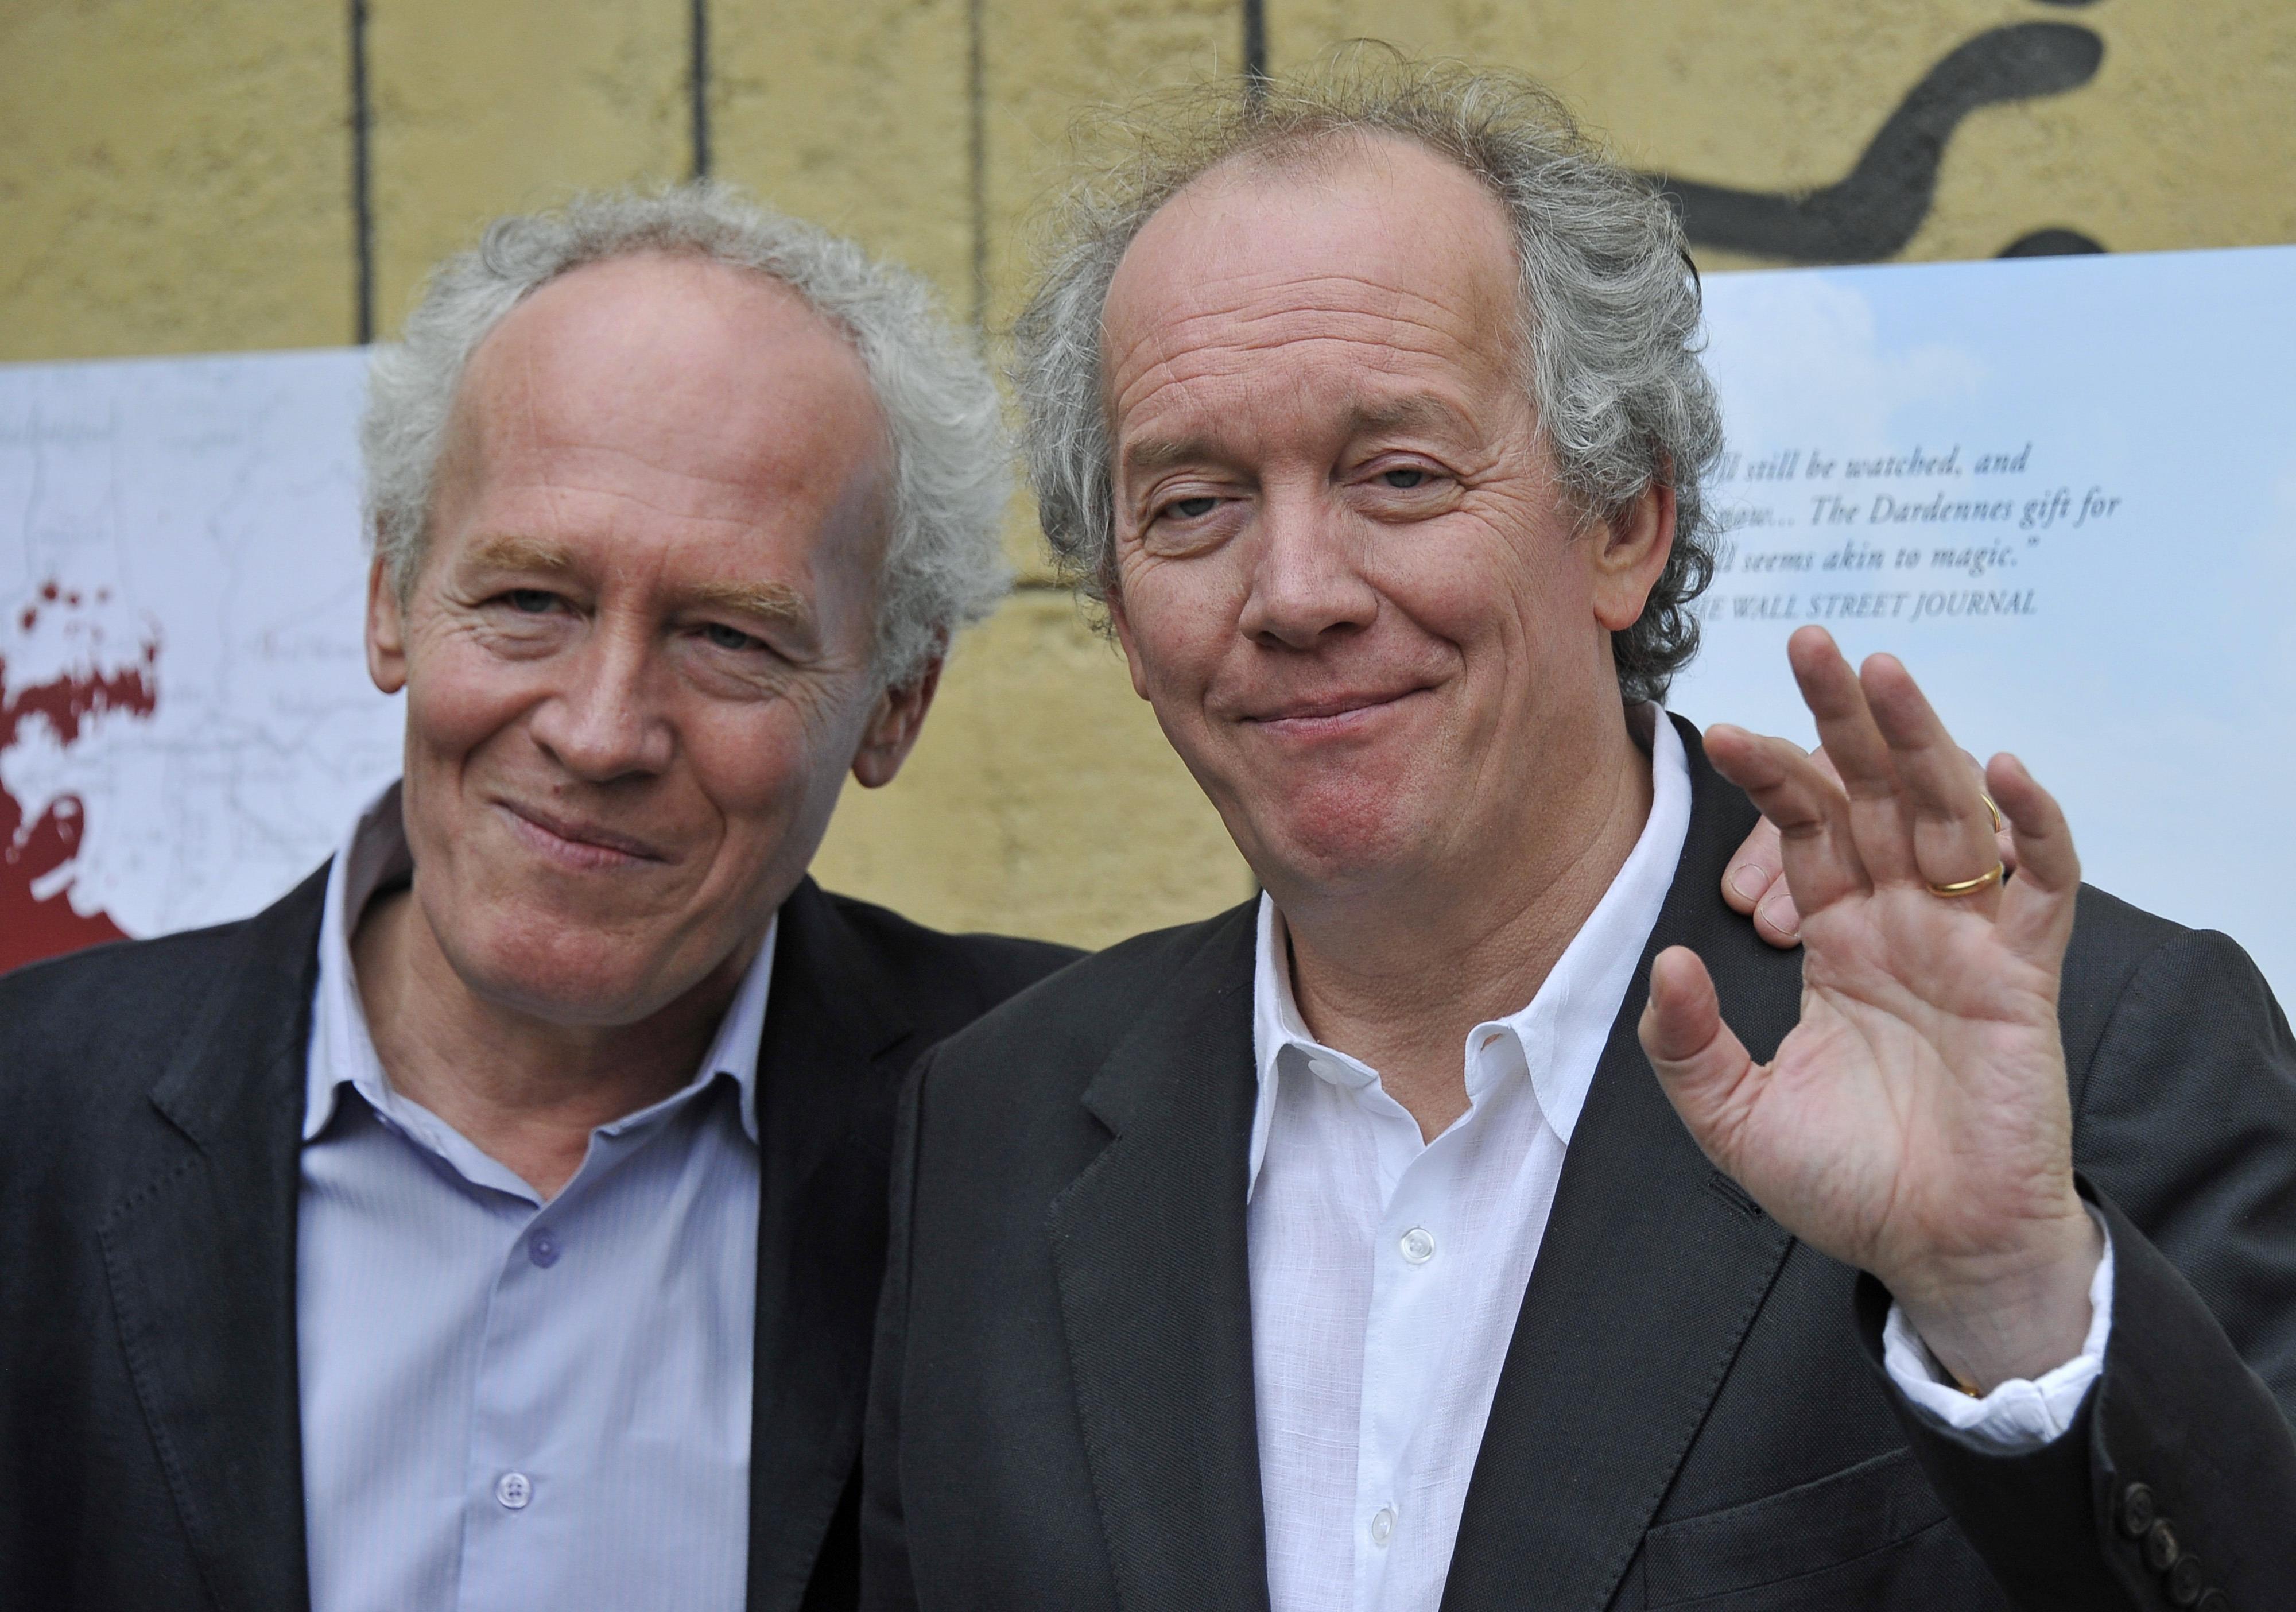 Belgian filmmakers Jean-Pierre and Luc Dardenne